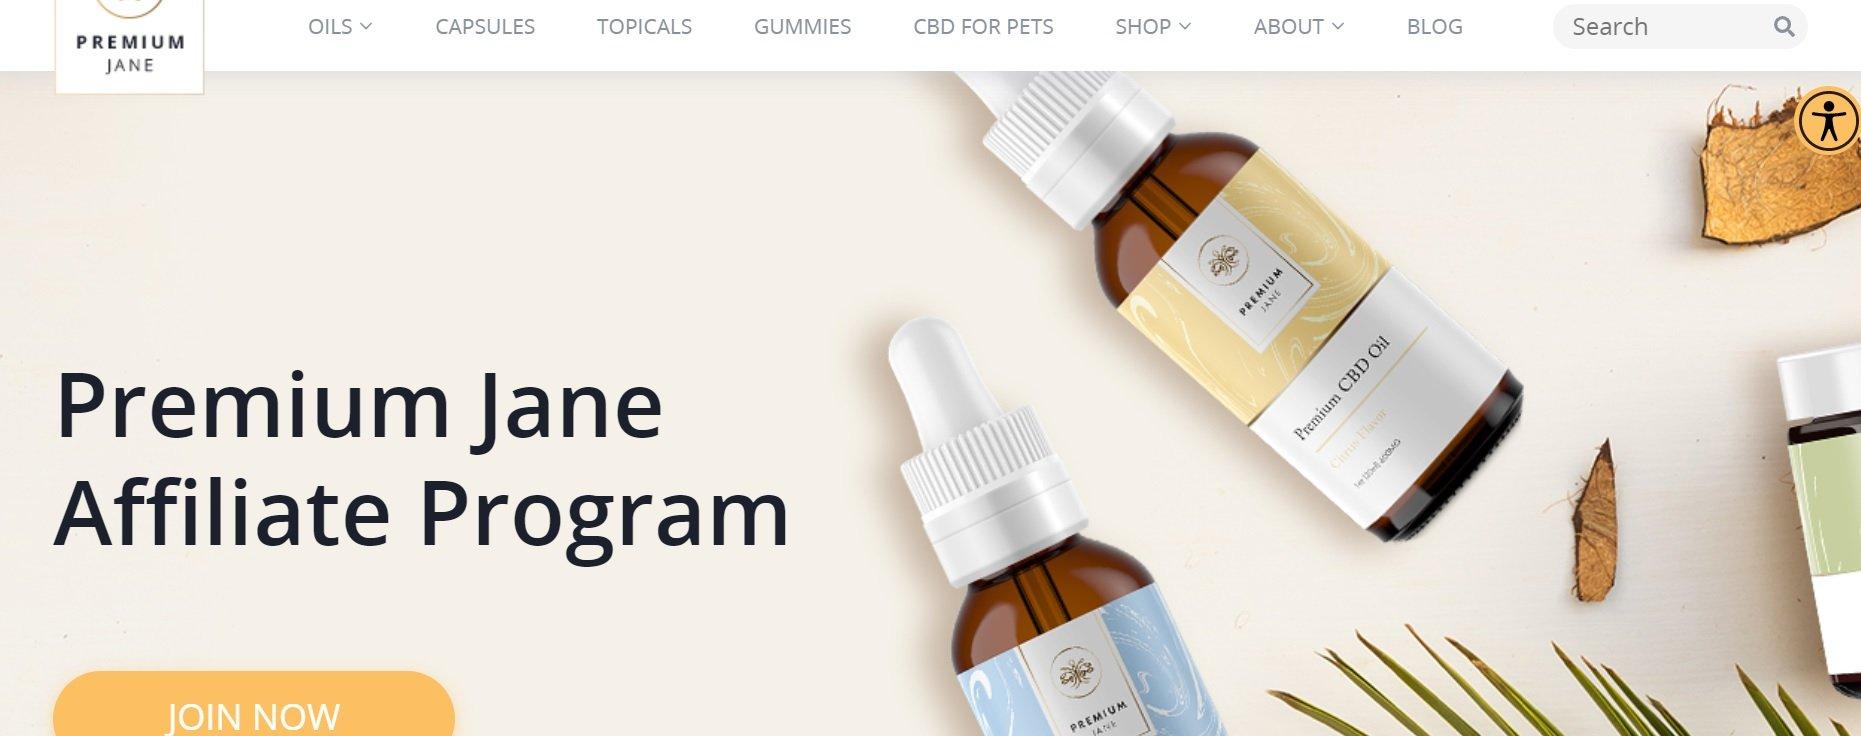 Premium Jane Affiliate Program